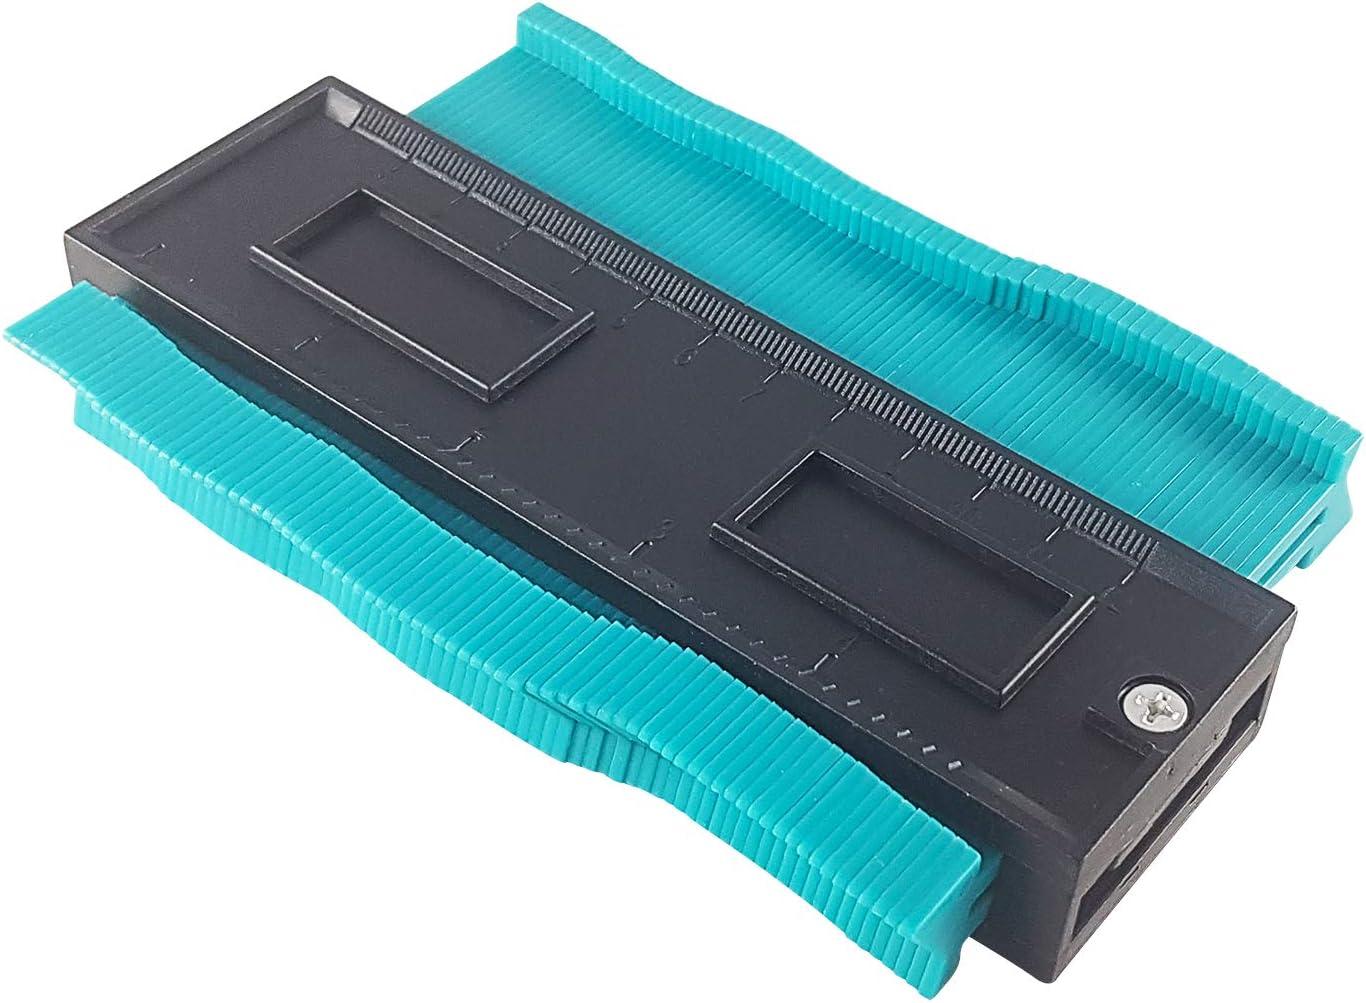 CZ Store®-medidor duplicador de contornos -GARANTÍA DE POR VIDA- Plantilla de corte de plástico - copiadora de contornos para materiales de madera/acero inoxidable/carrocerías: Amazon.es: Bricolaje y herramientas